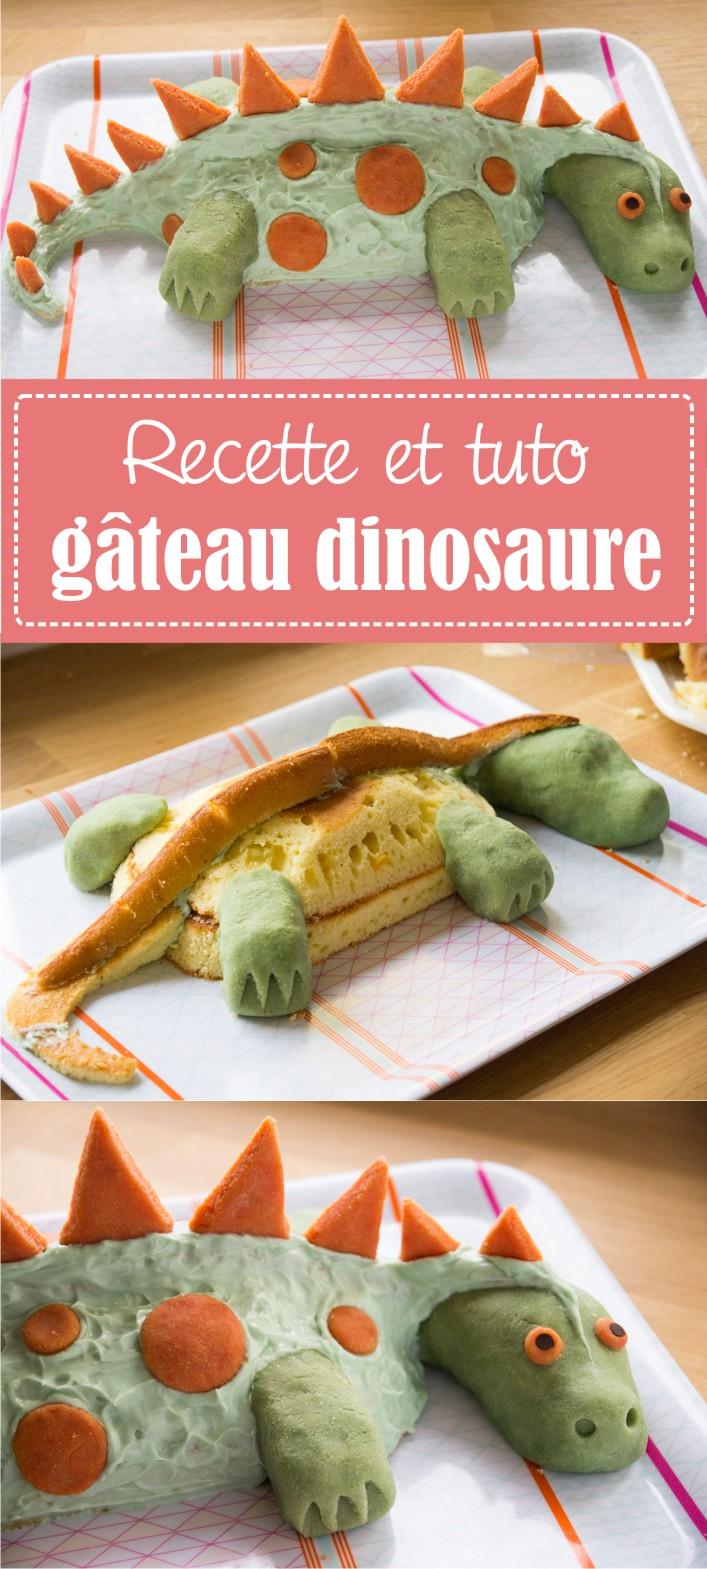 Gâteau dinosaure pâte d'amande et glaçage - recette et tuto sur la Godiche